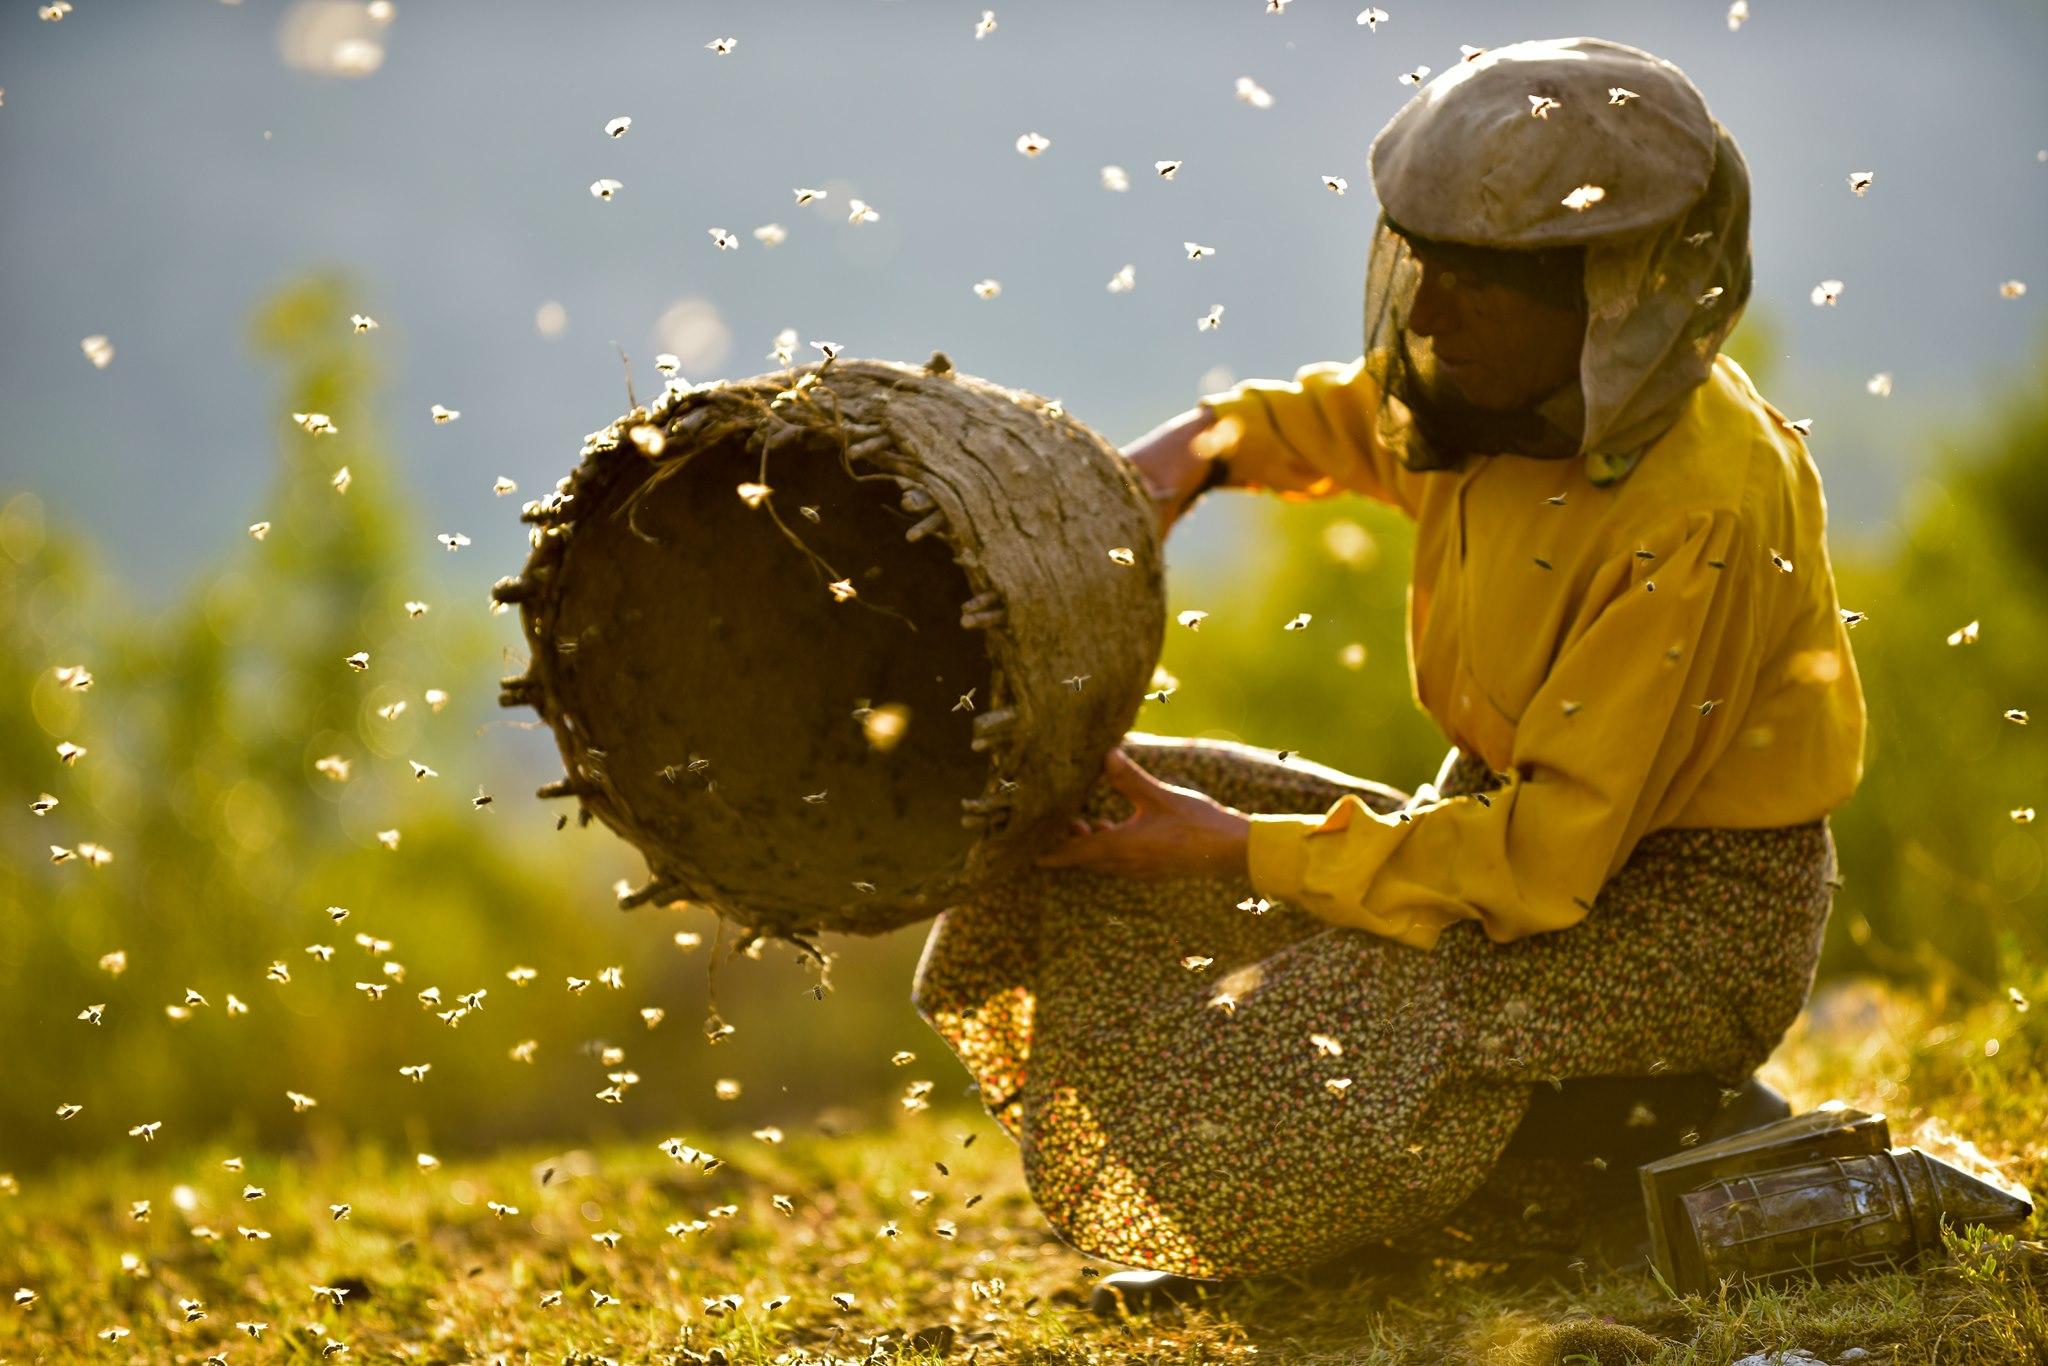 Film: Honeyland